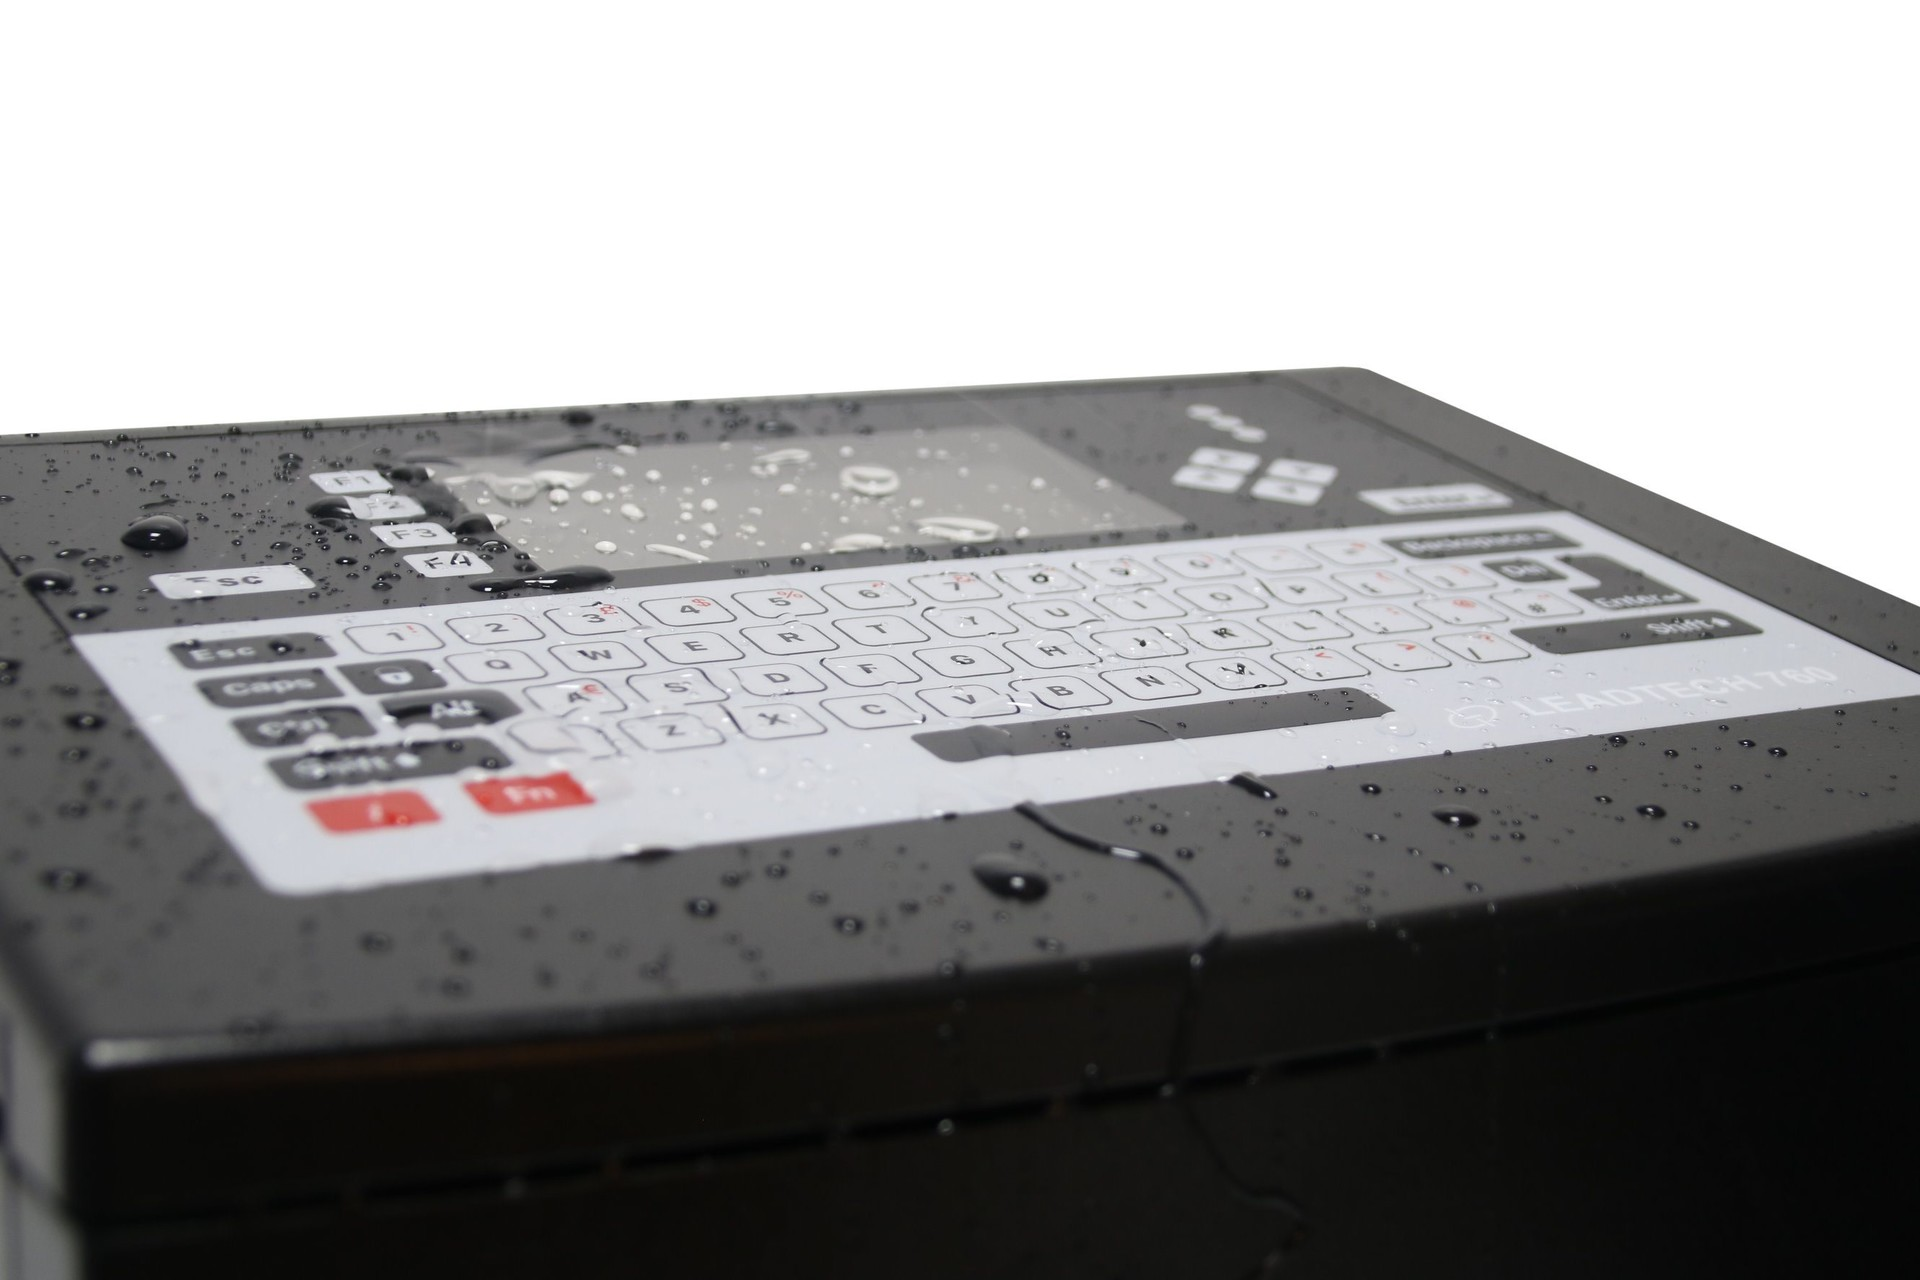 Lead Tech Lt760 Low Cost Cij Inkjet Printer